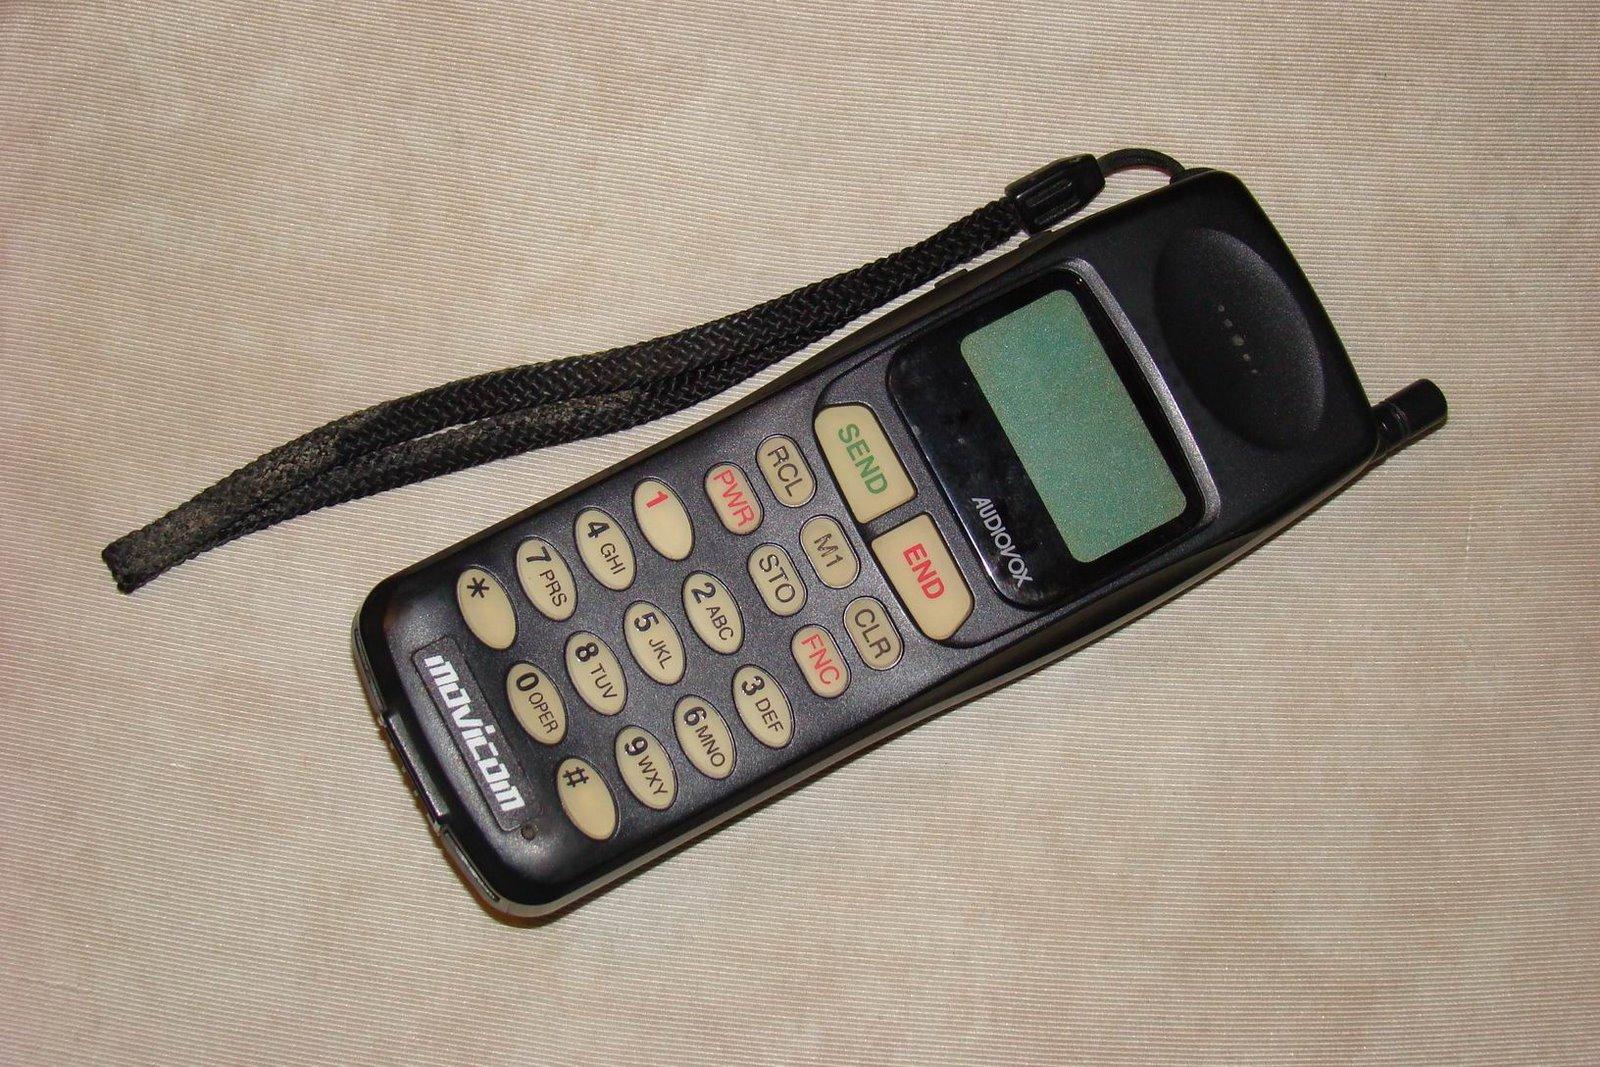 los celulares mas viejos del mundo